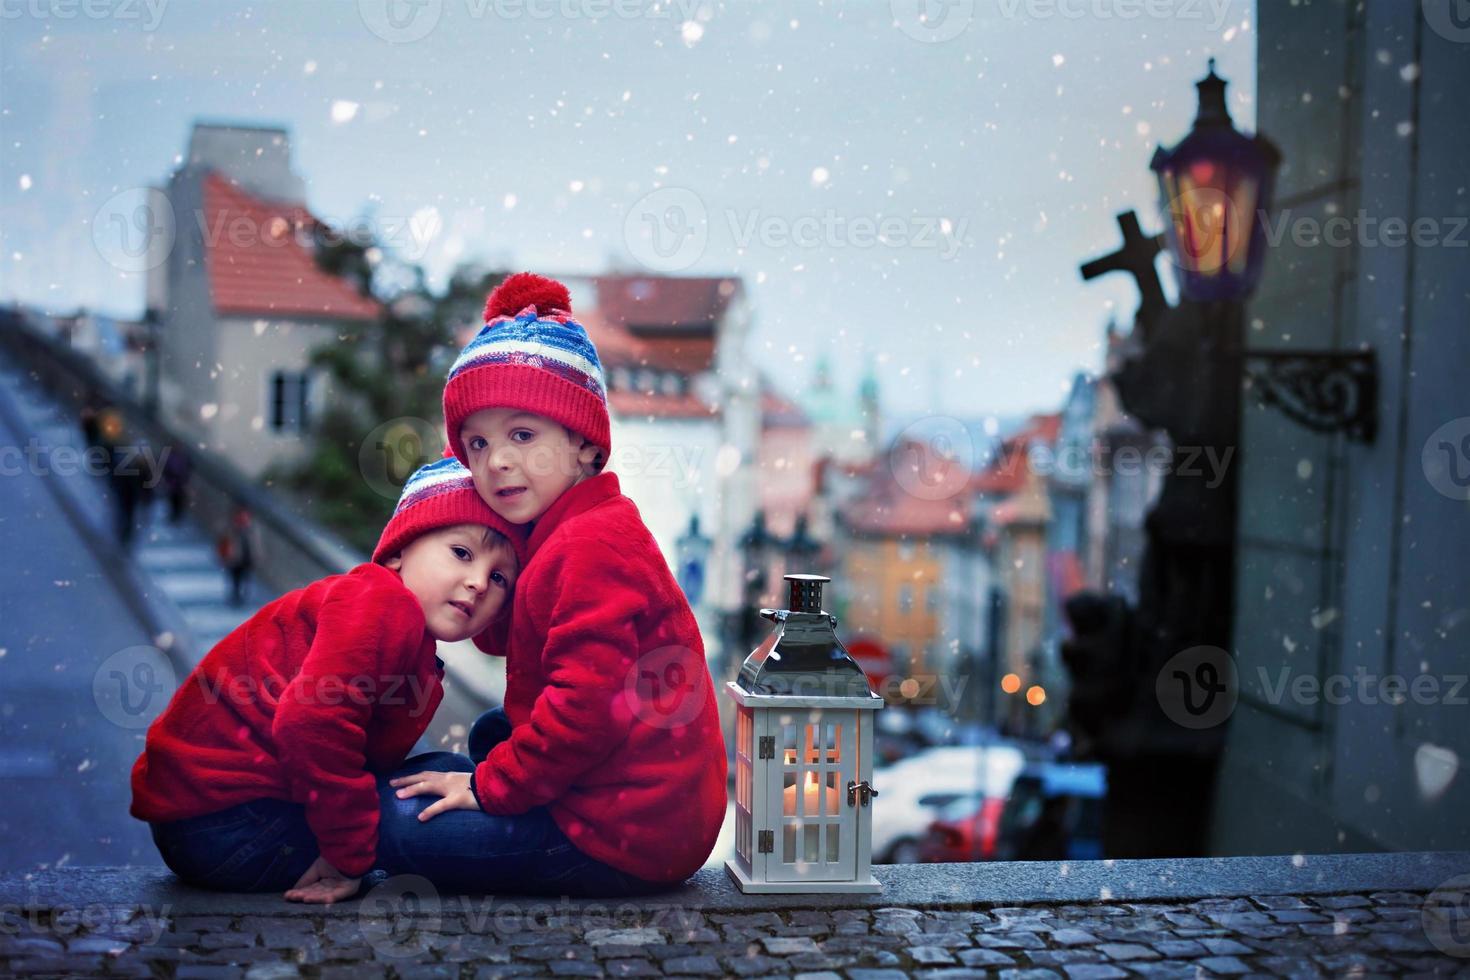 deux enfants, debout sur un escalier, tenant une lanterne photo